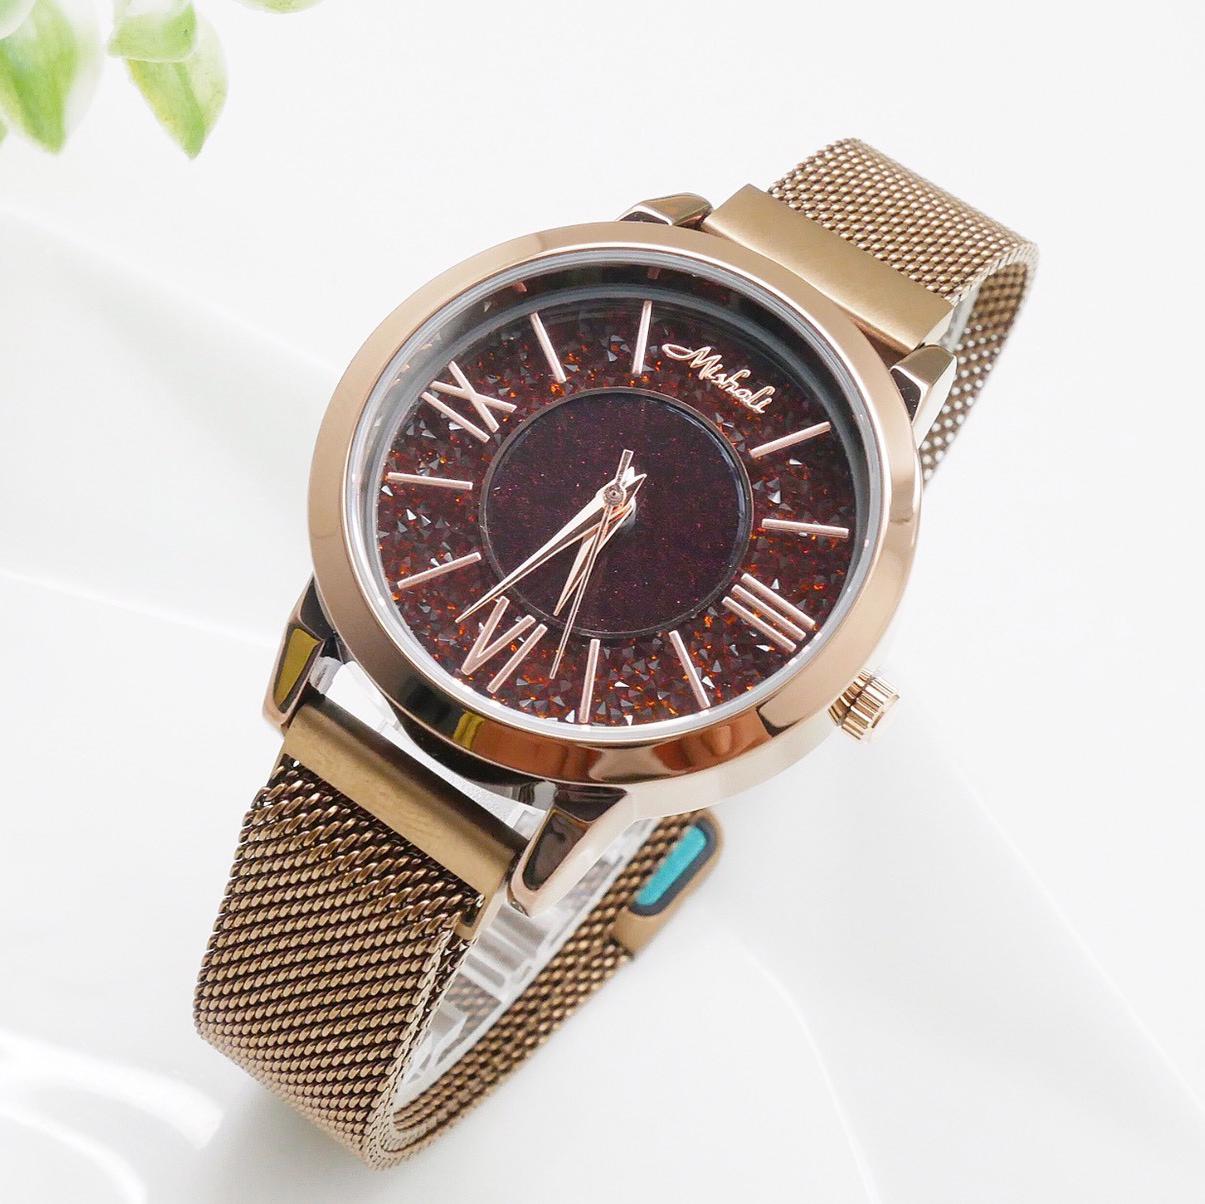 นาฬิกาข้อมือผู้หญิง MISHALI M19003 D